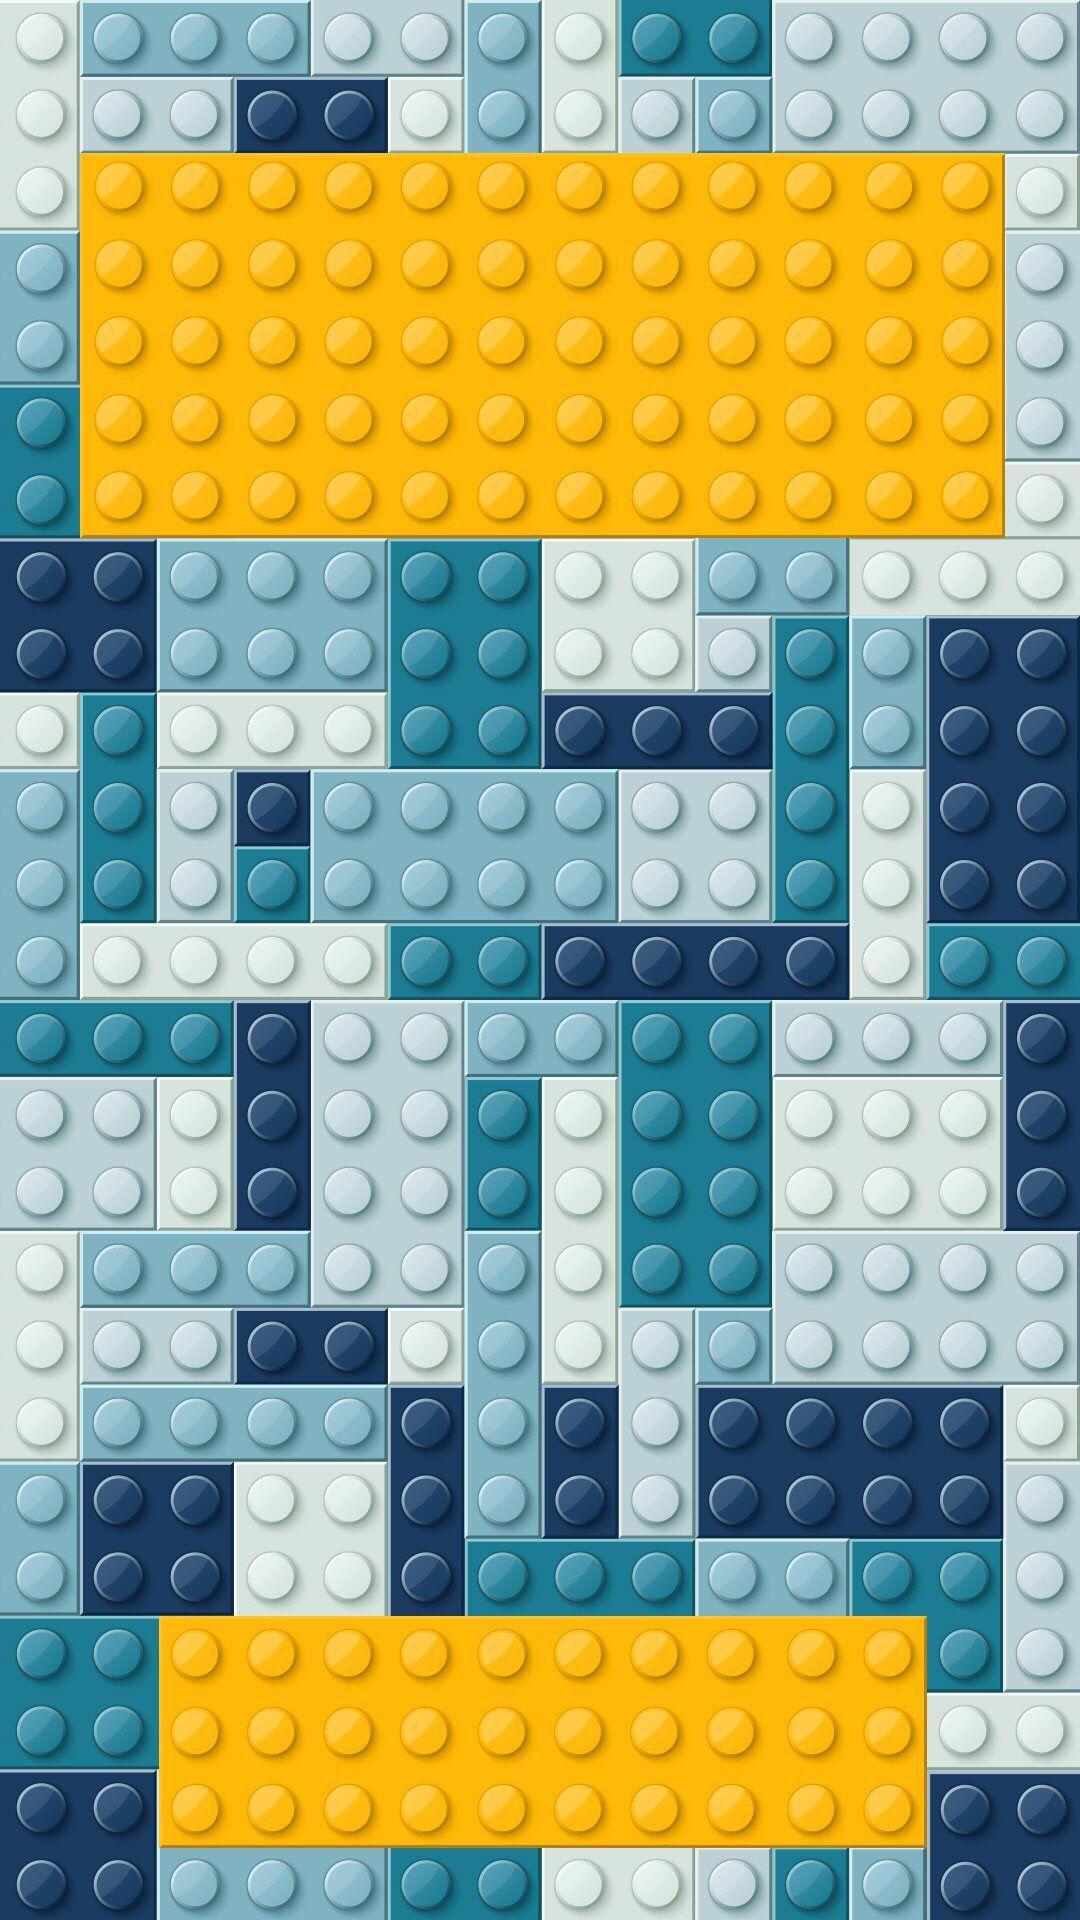 Lego Lock Screen Papeis De Parede Para Iphone Papeis De Parede Papael De Parede